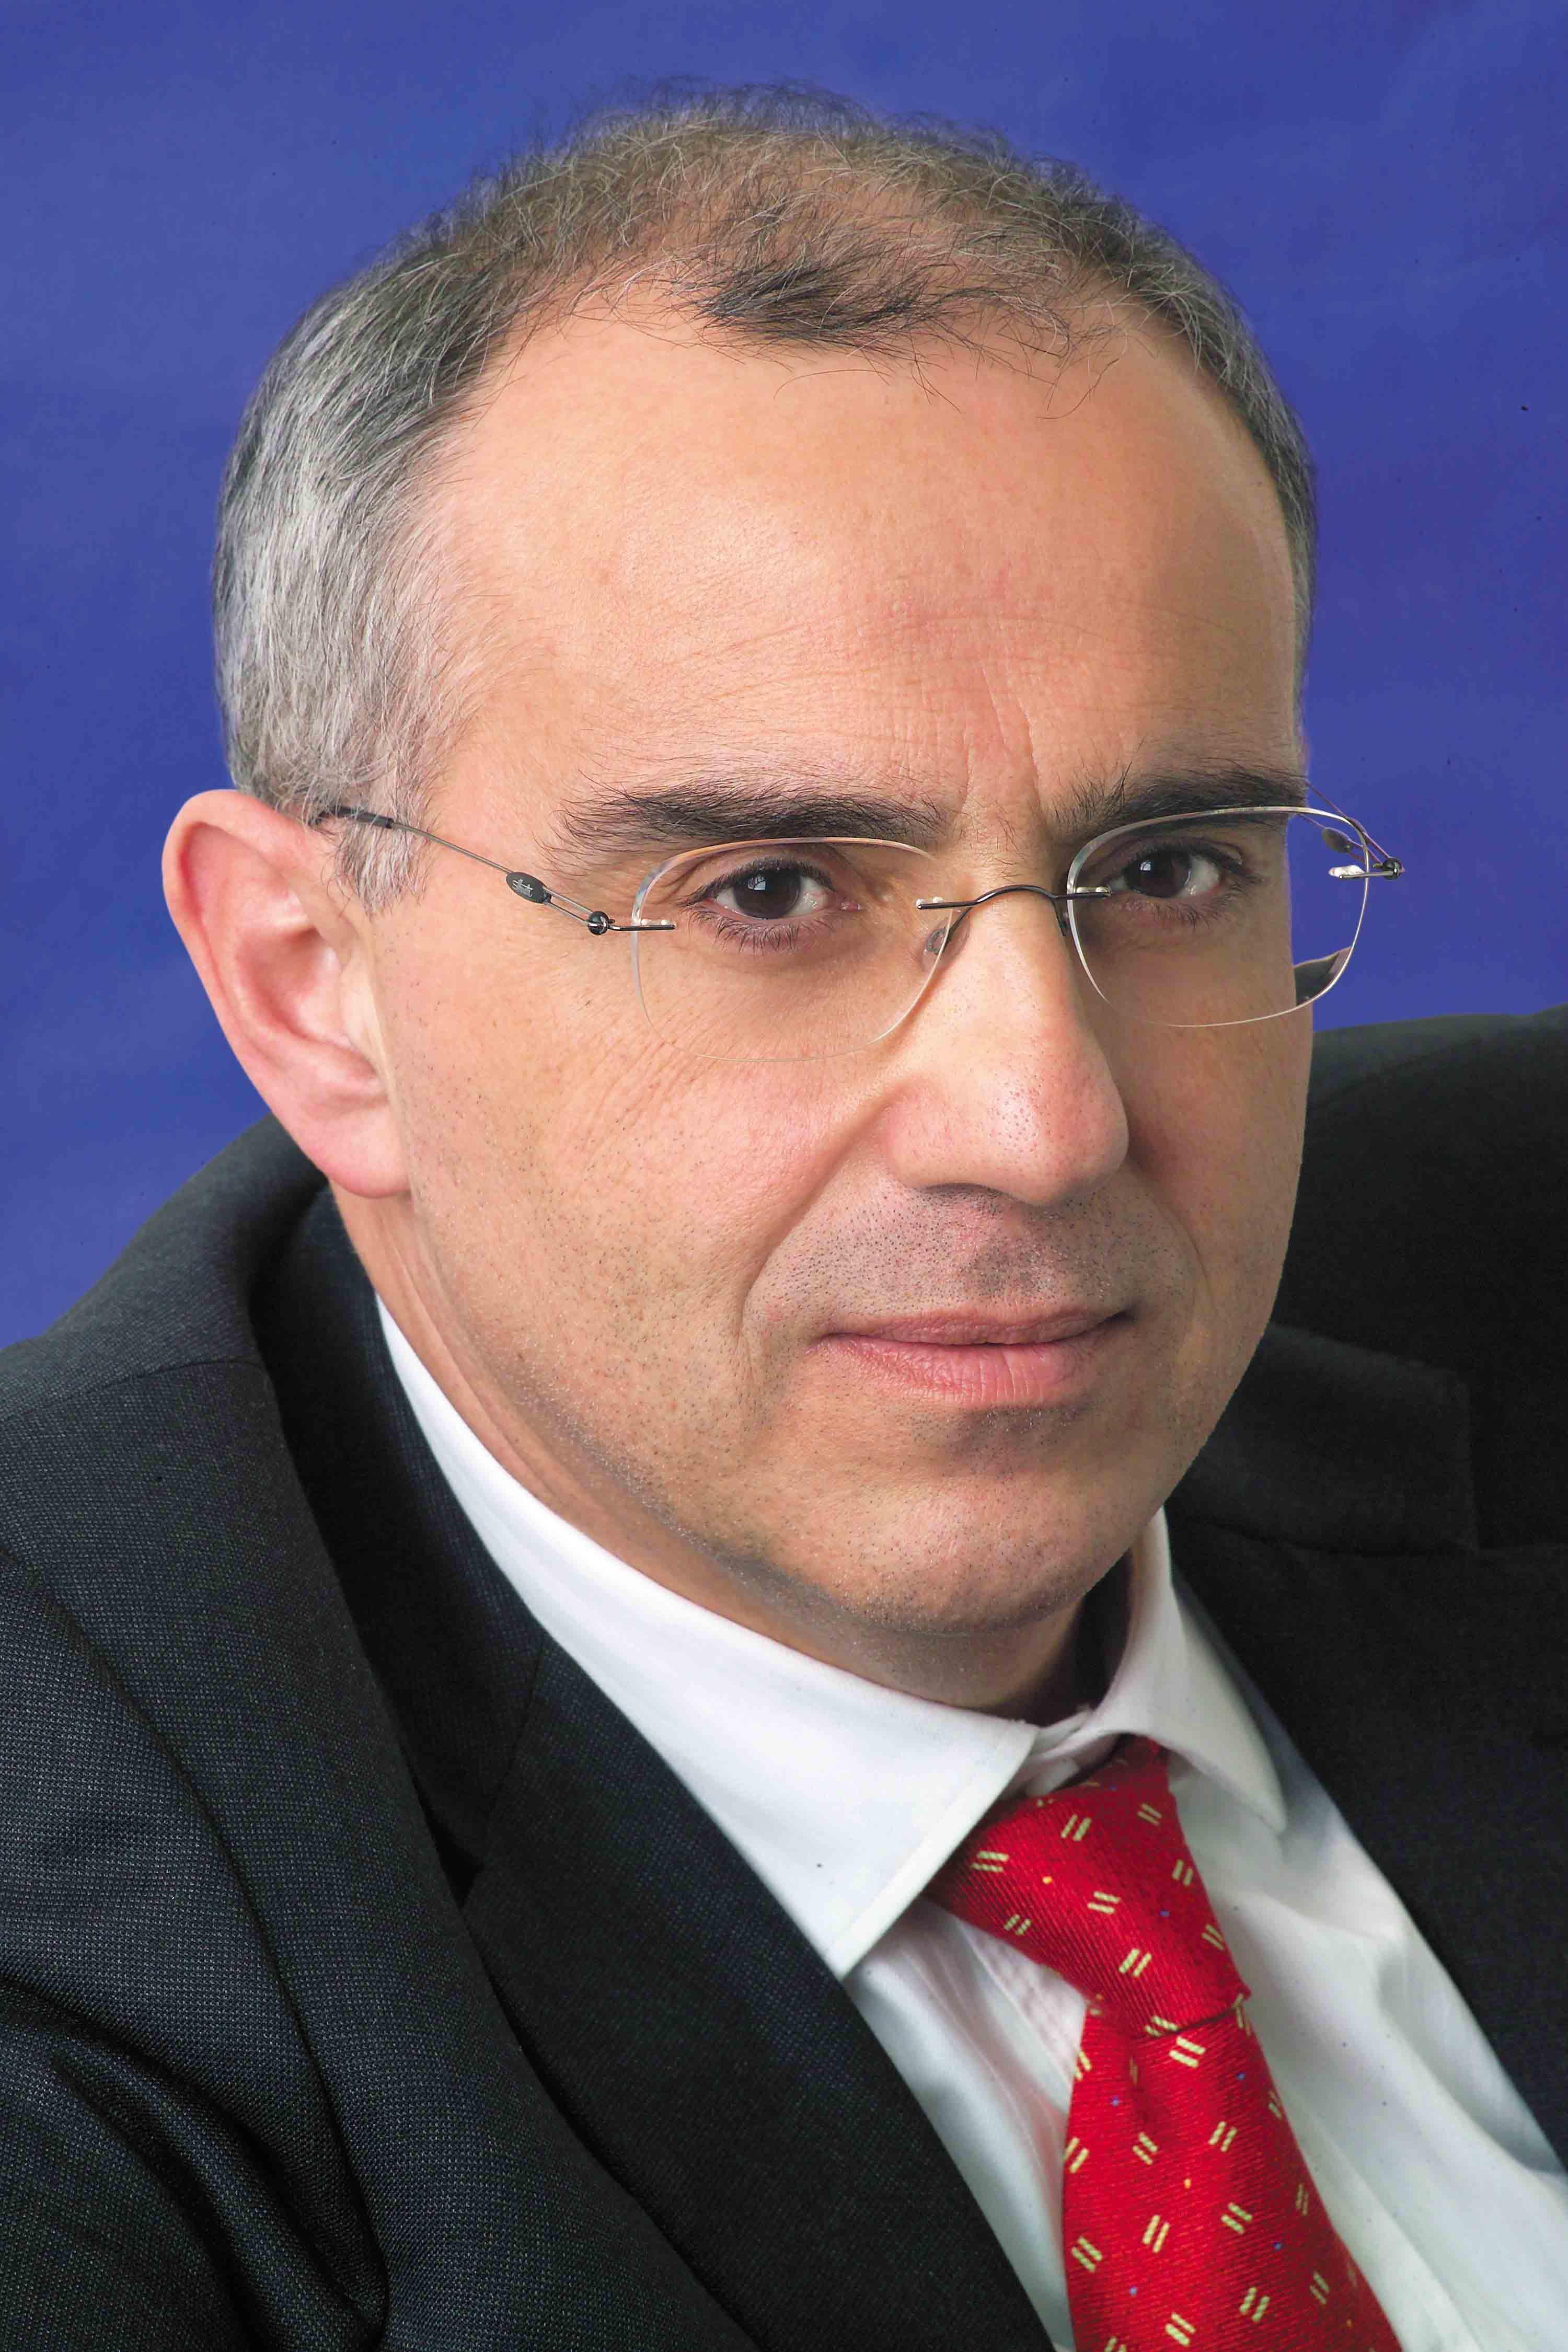 Νίκος Καραμούζης. Πρόεδρος Eurobank